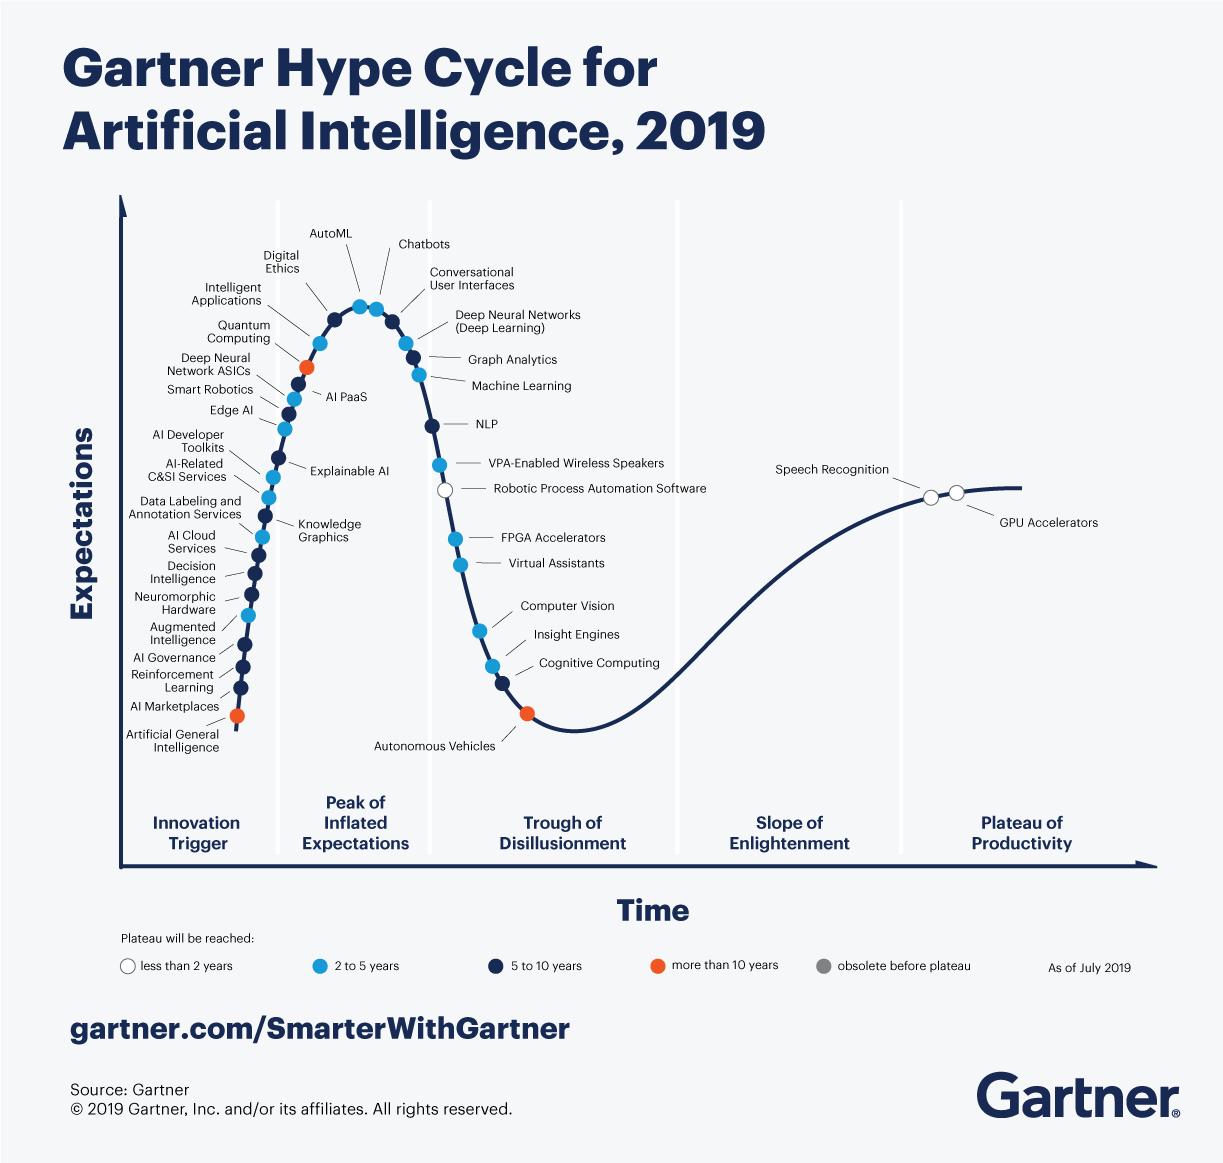 gartner hype cycle 2019